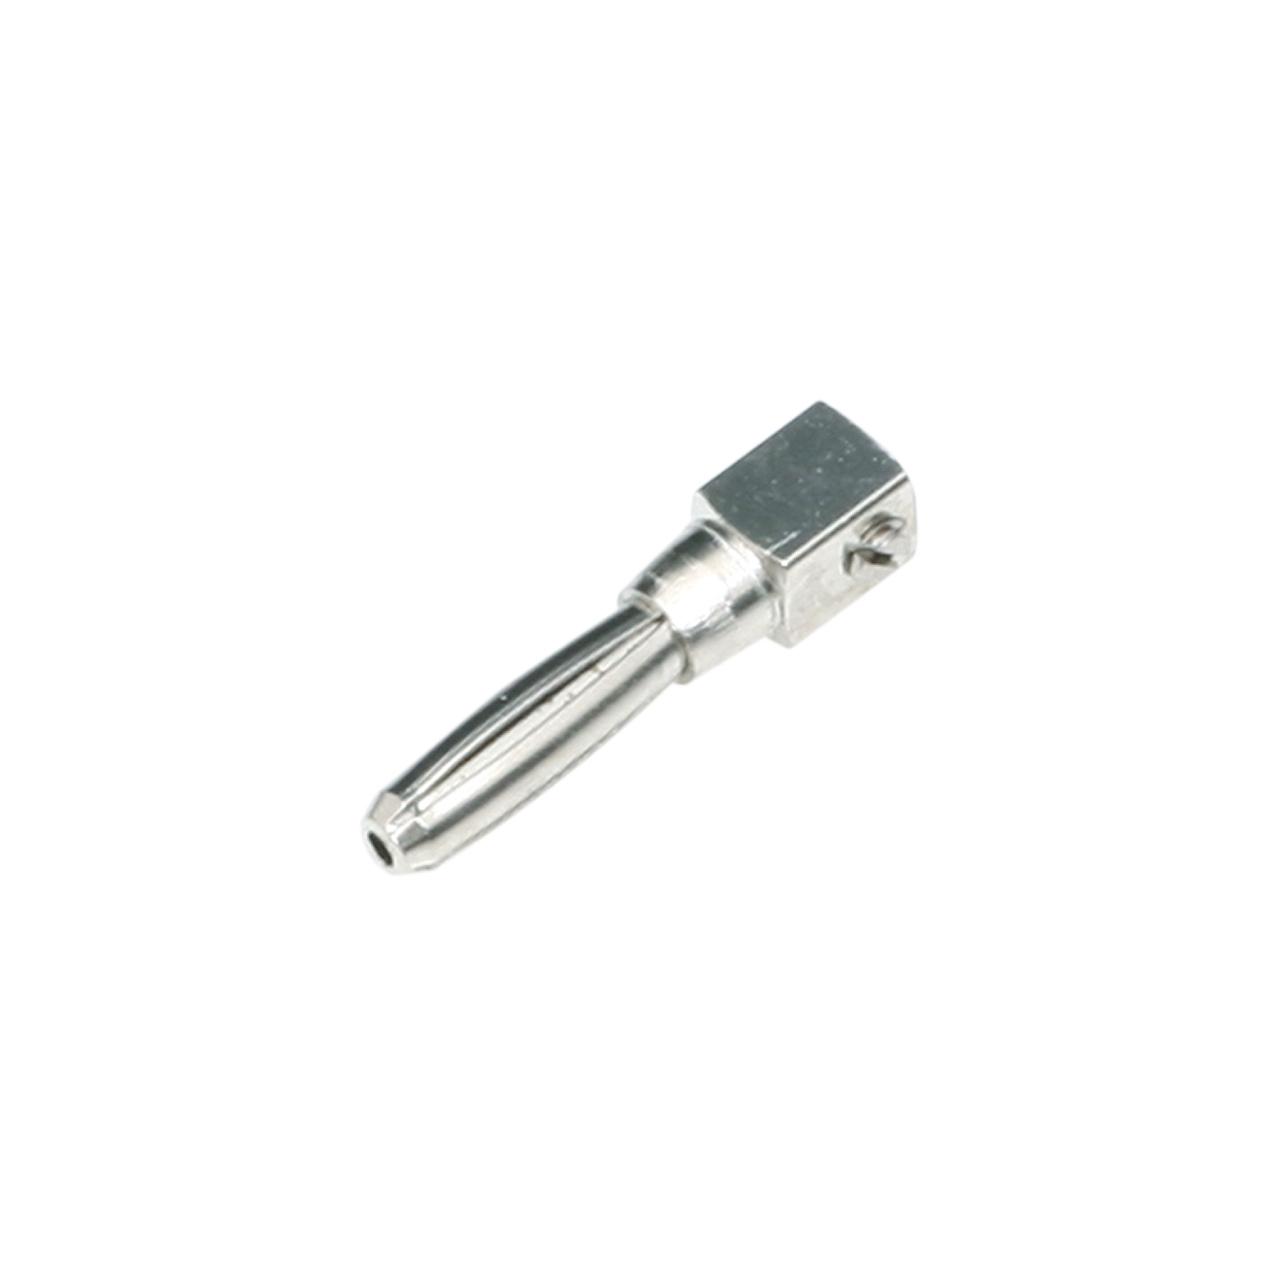 plug pin 4mm, for cable plug 3-pole